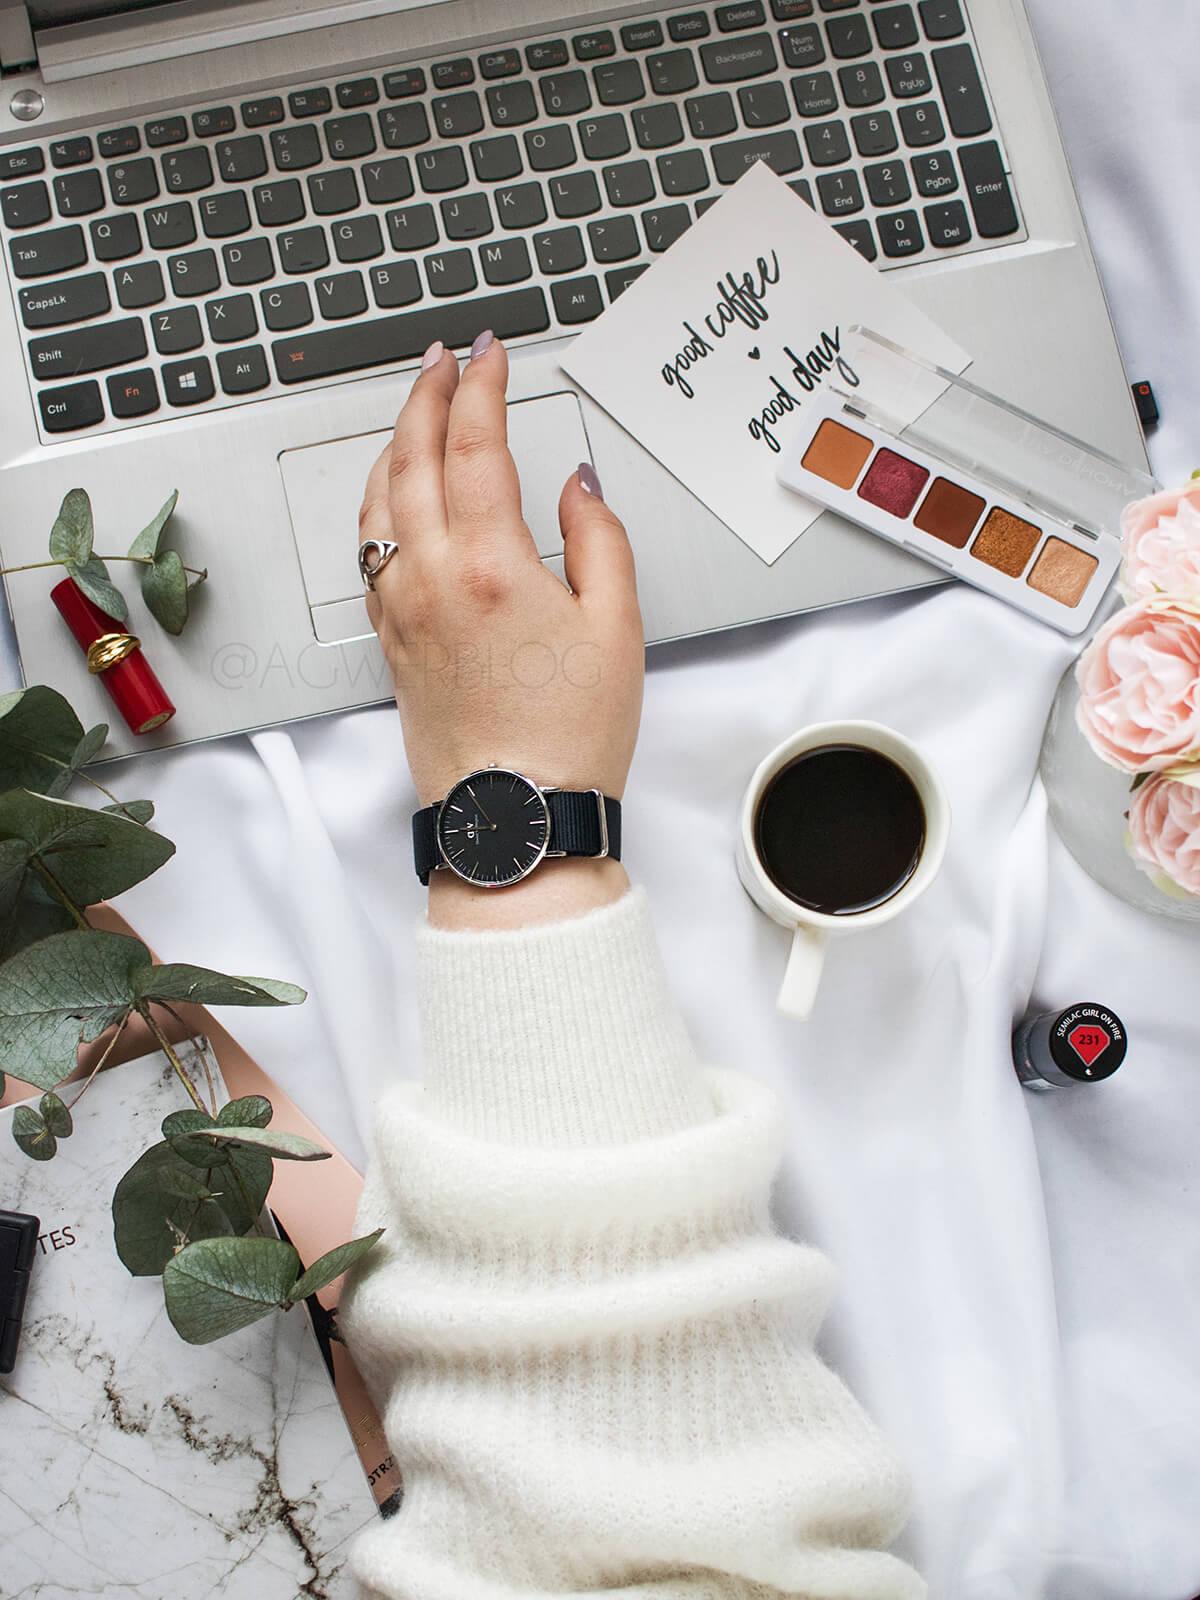 jak zacząć zarabiać na blogu kosmetycznym